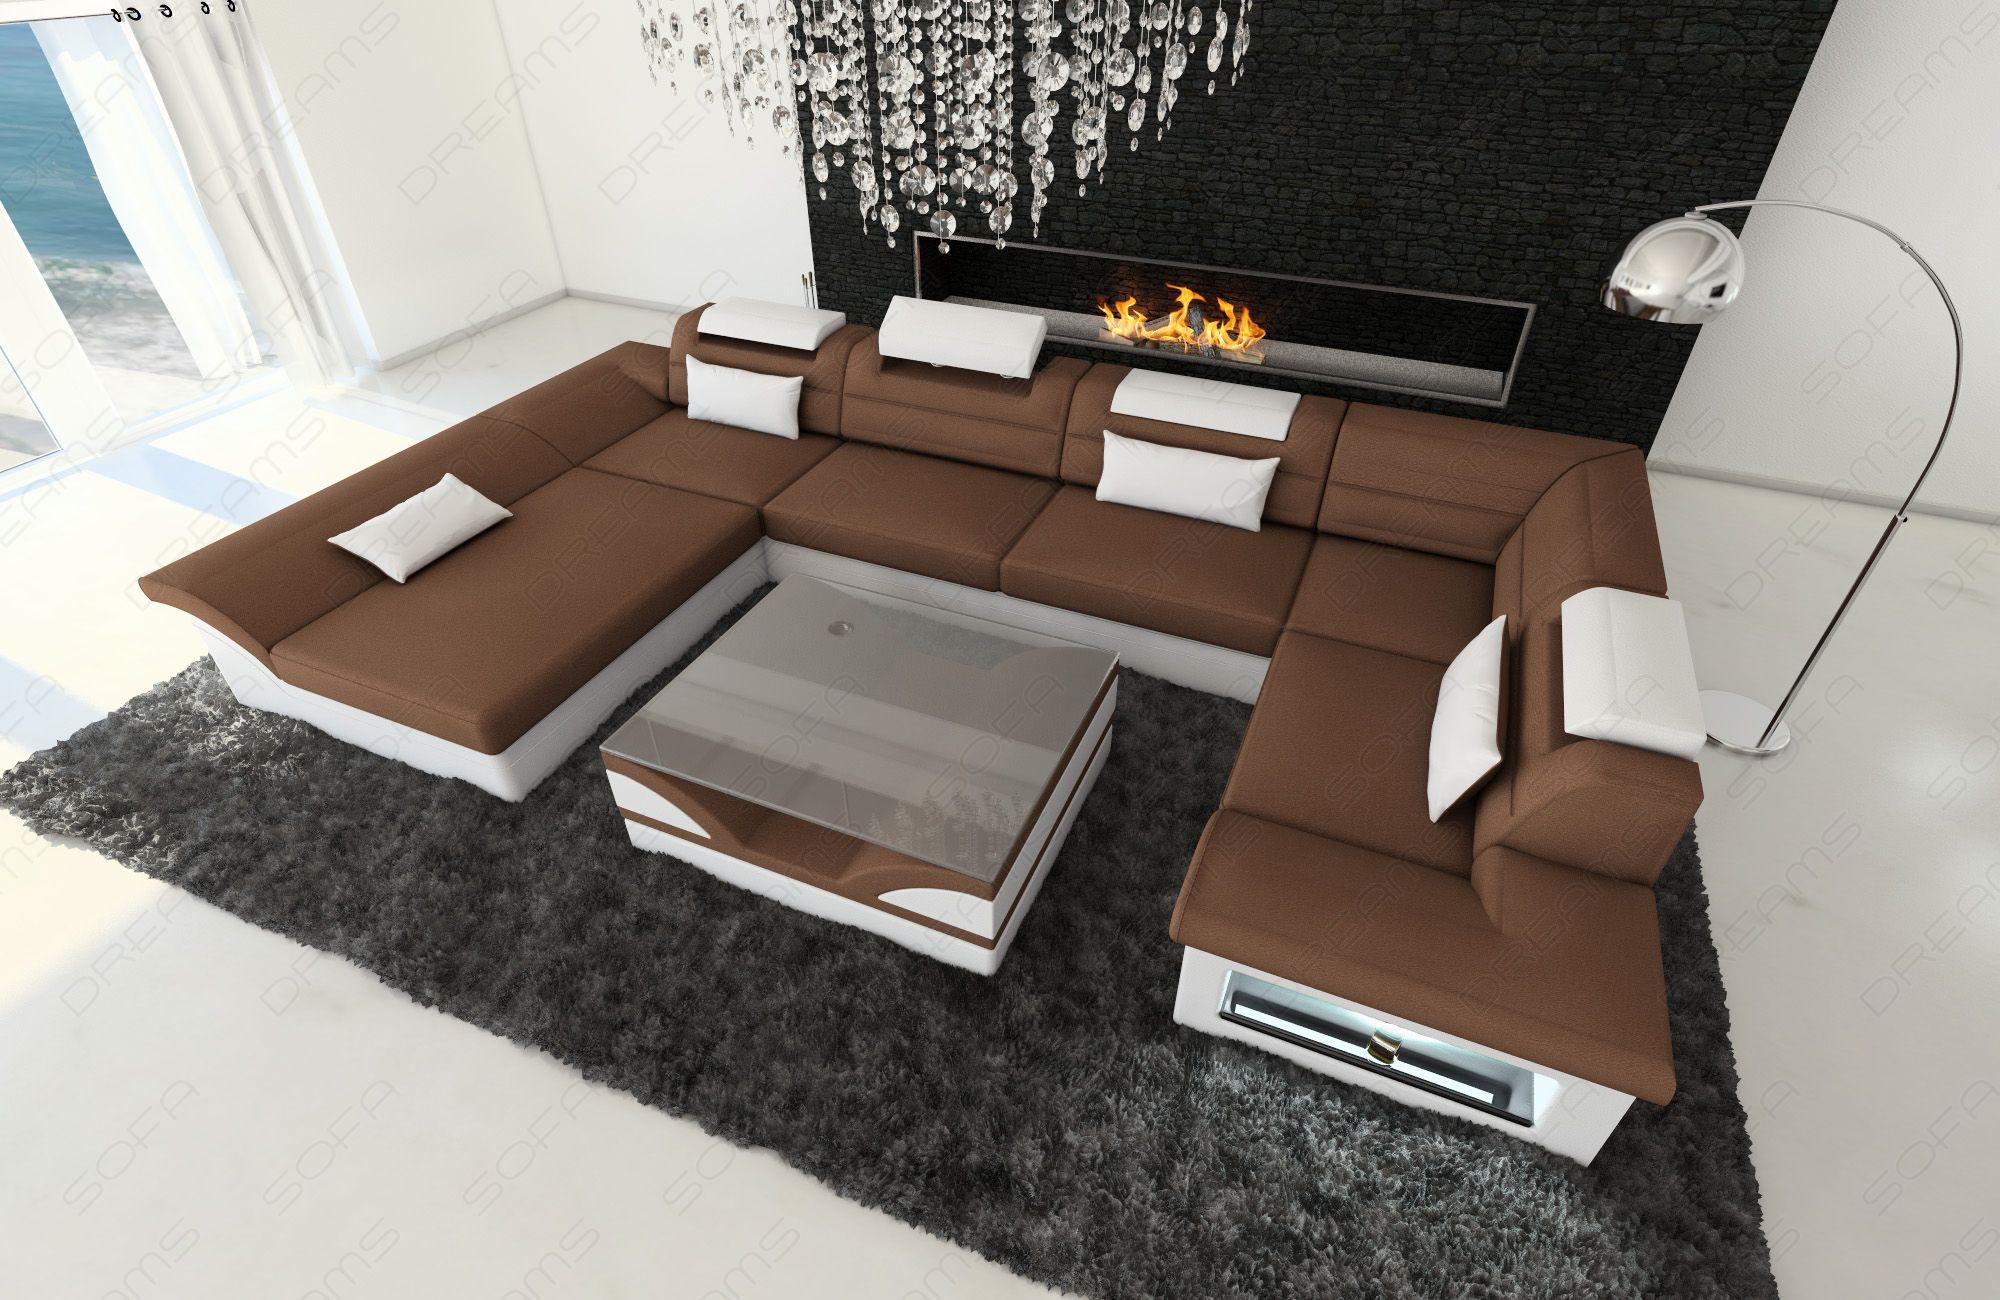 Design Sofa Chicago Led Mobler Sofadreams